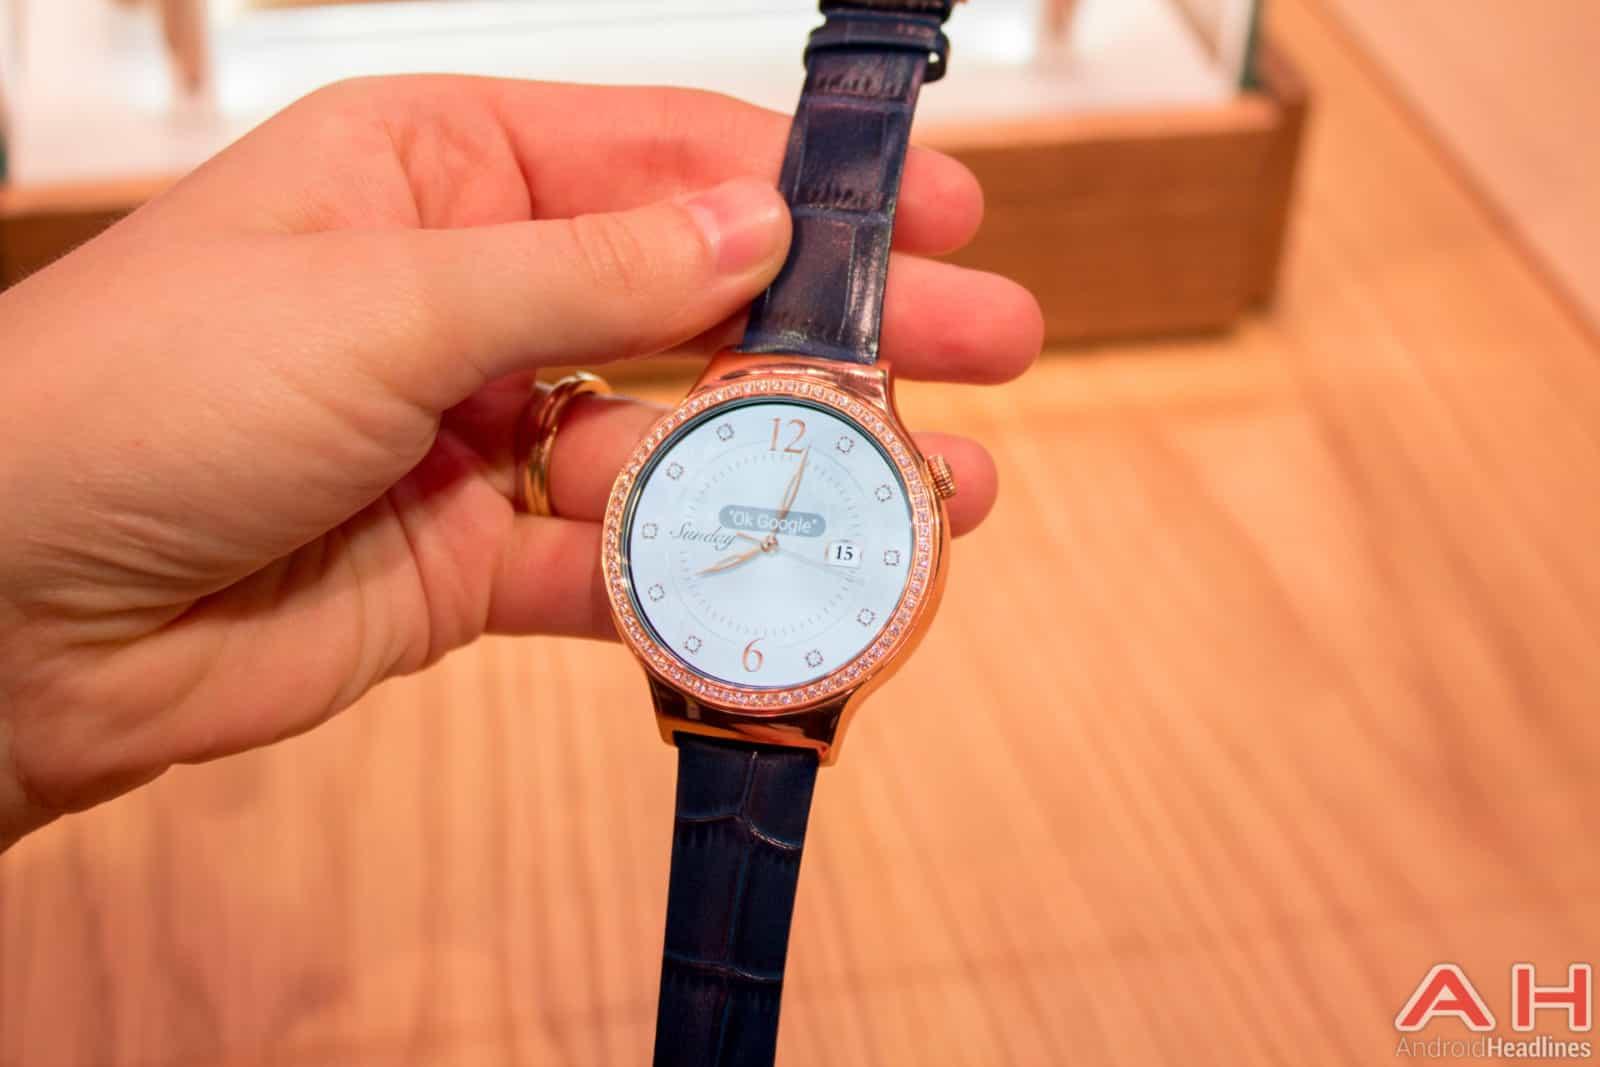 Huawei Watch Jewel AH (3)